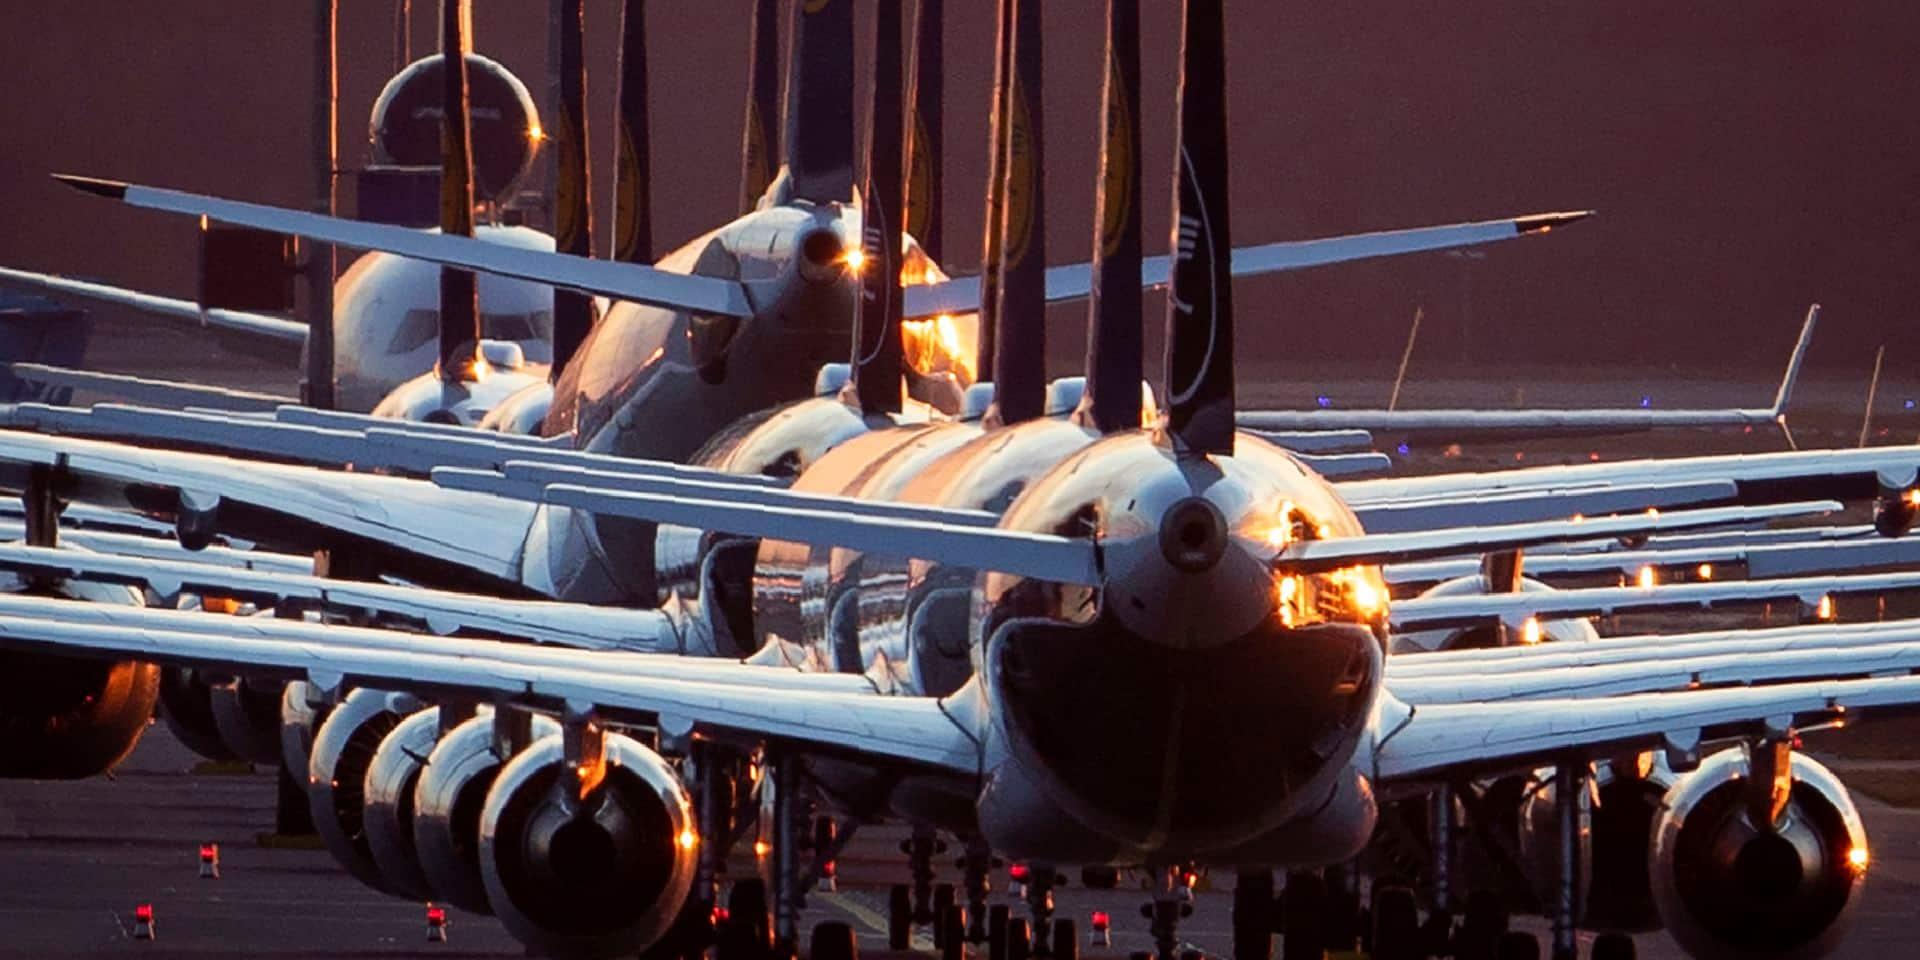 L'Allemagne envisage d'interrompre le trafic aérien vers son territoire